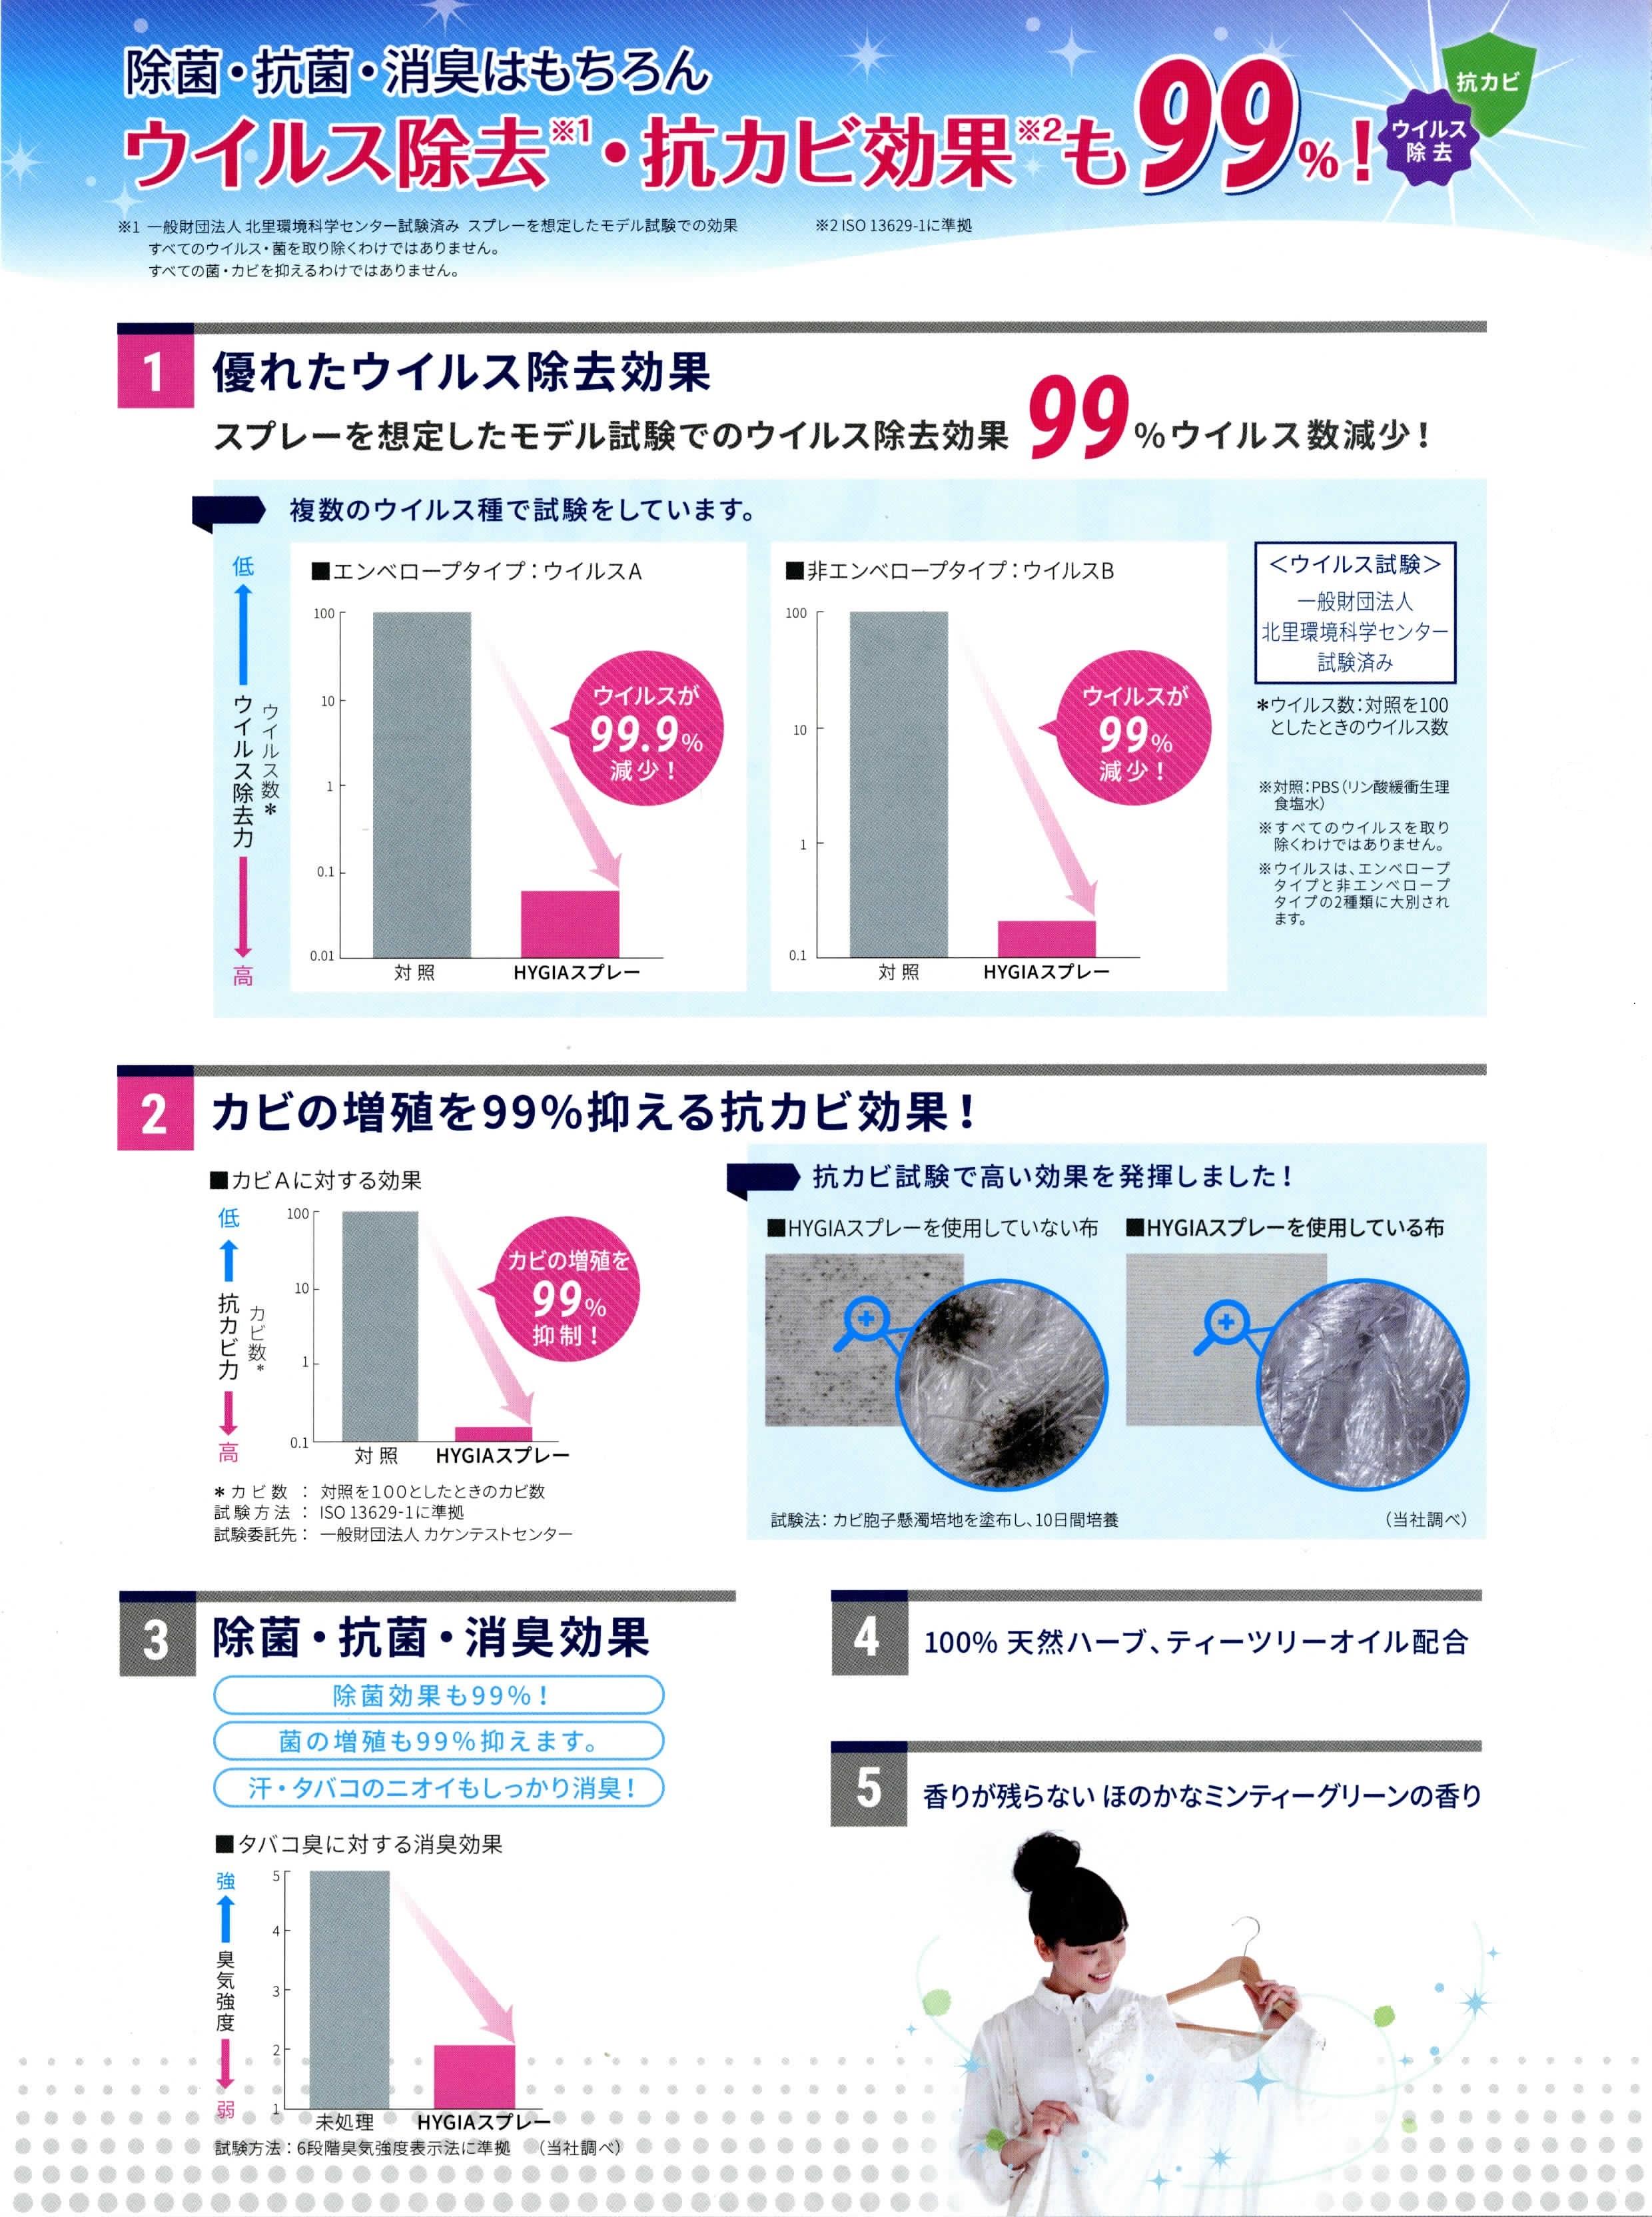 HYGIA(ハイジア)除菌・消臭スプレーの主な機能|ライオンハイジーン株式会社